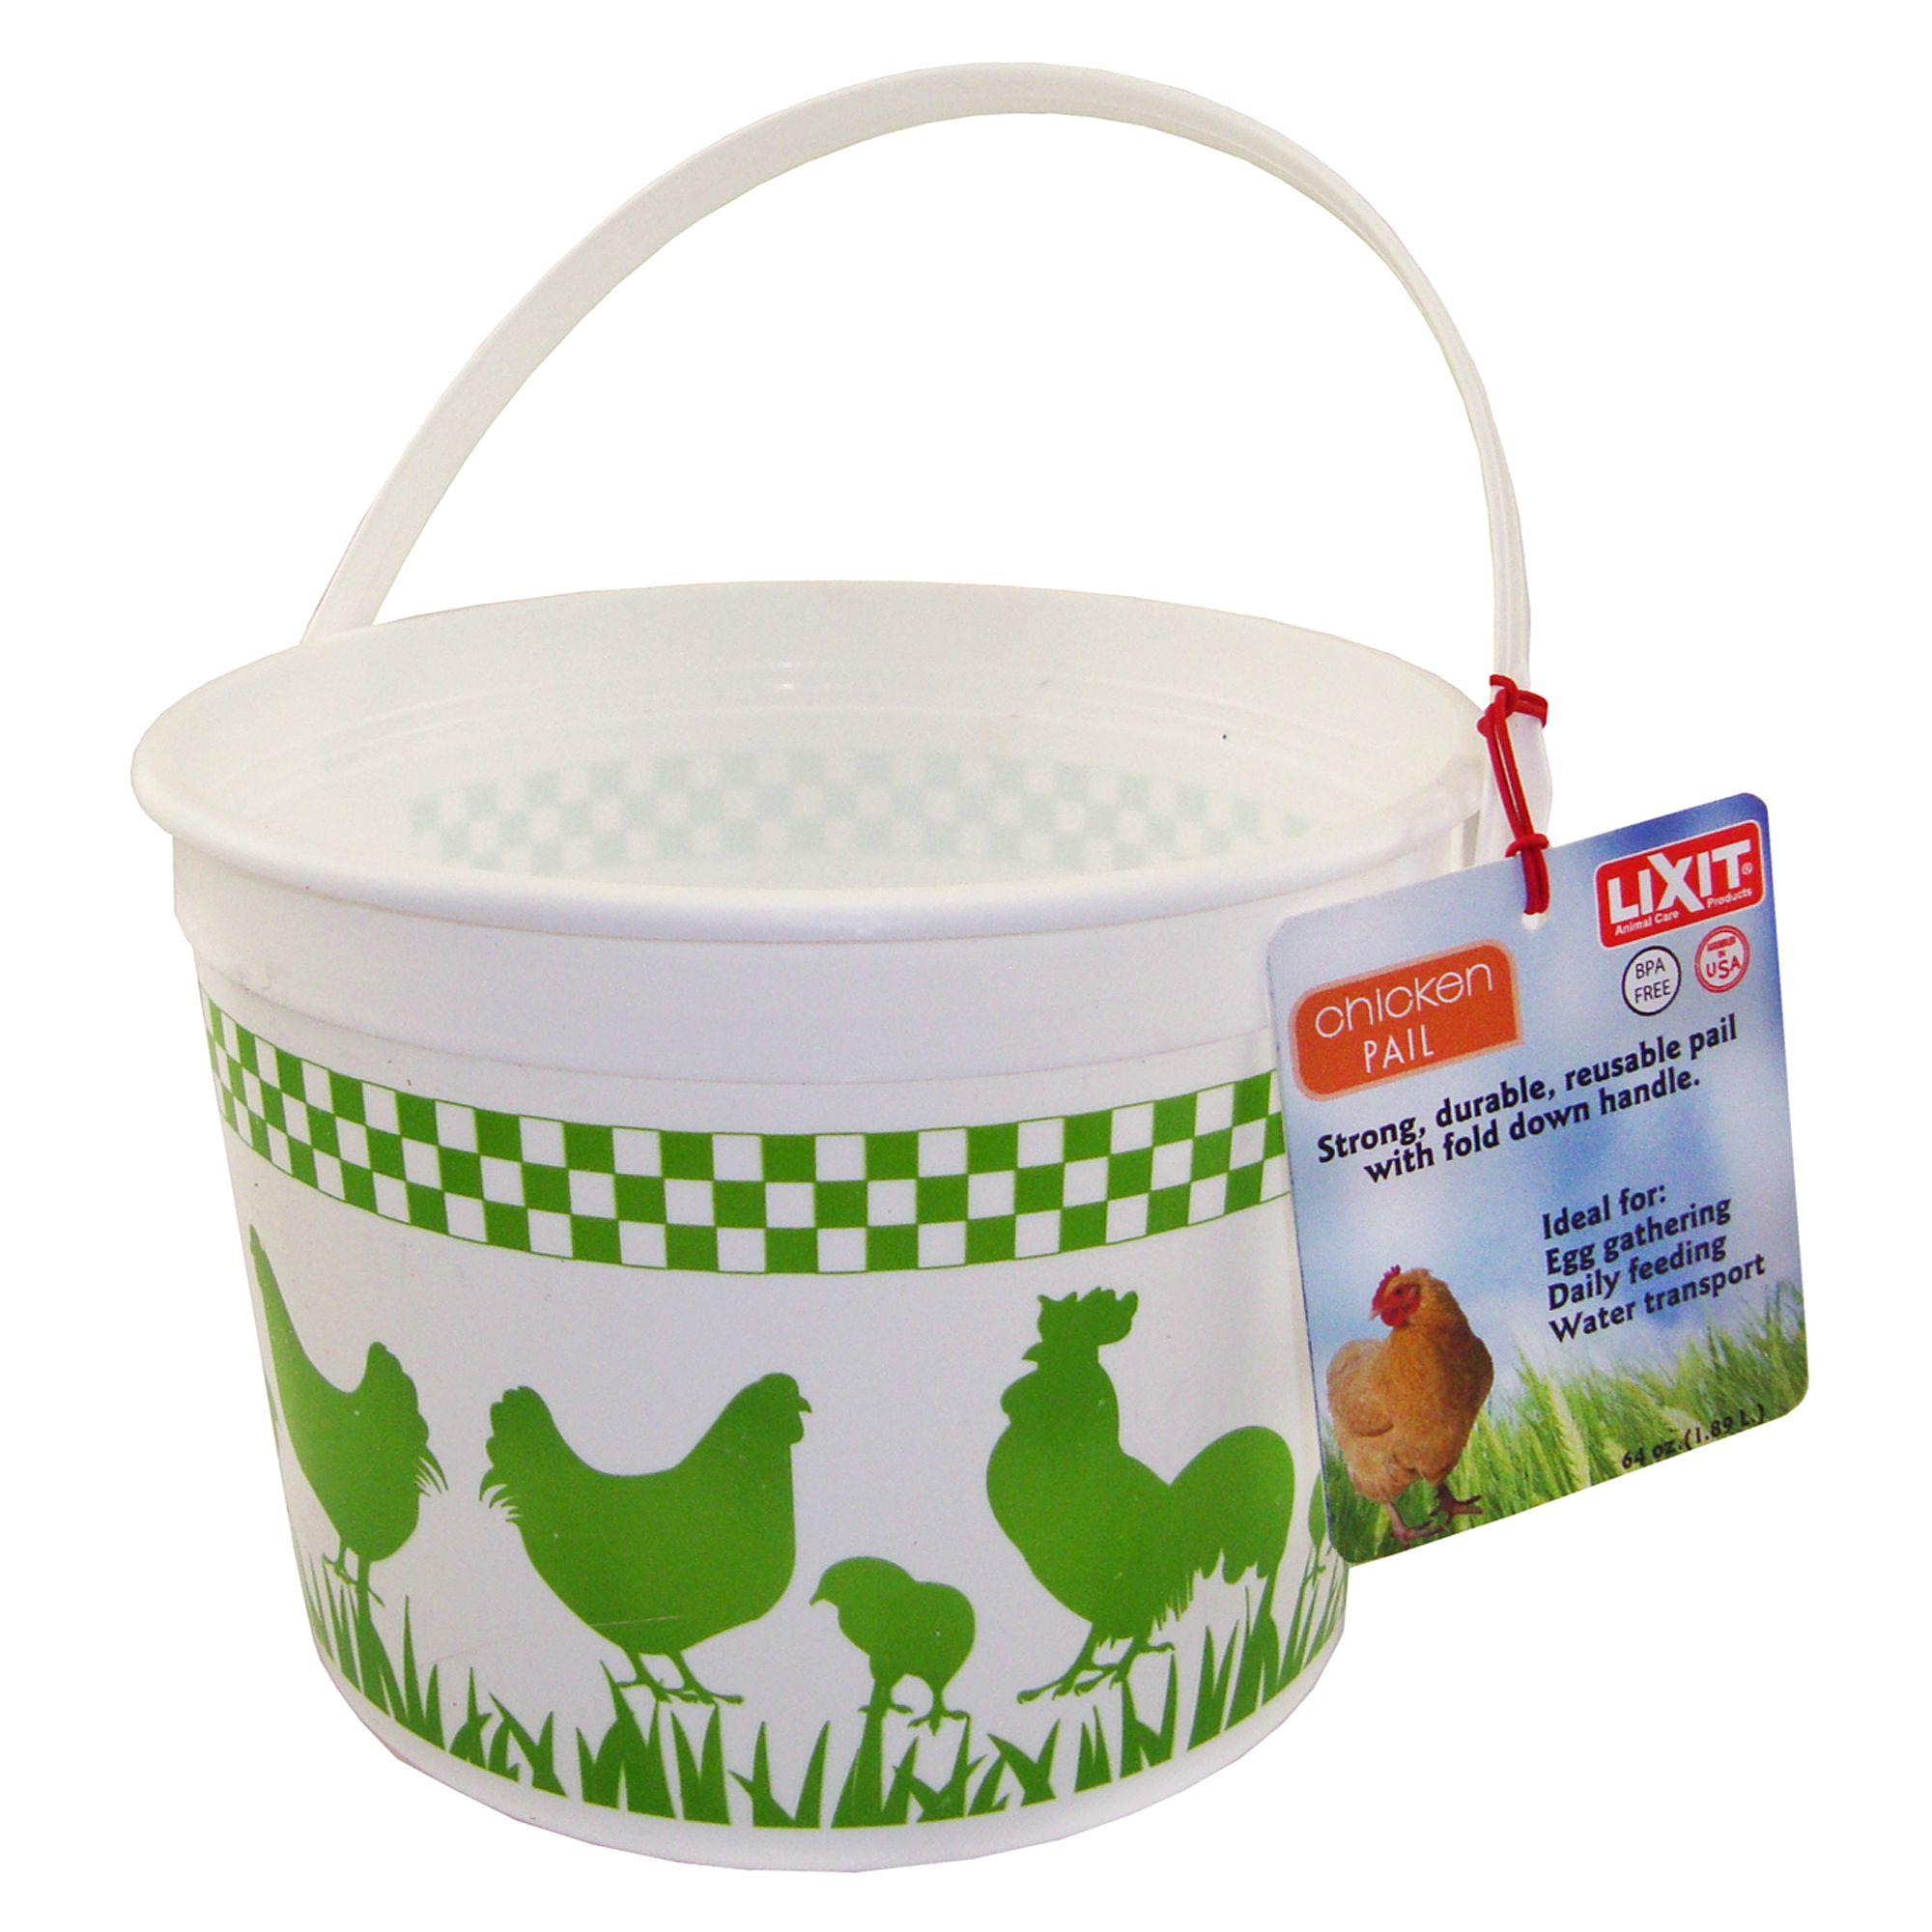 Lixit Egg Collection Pail 5272637